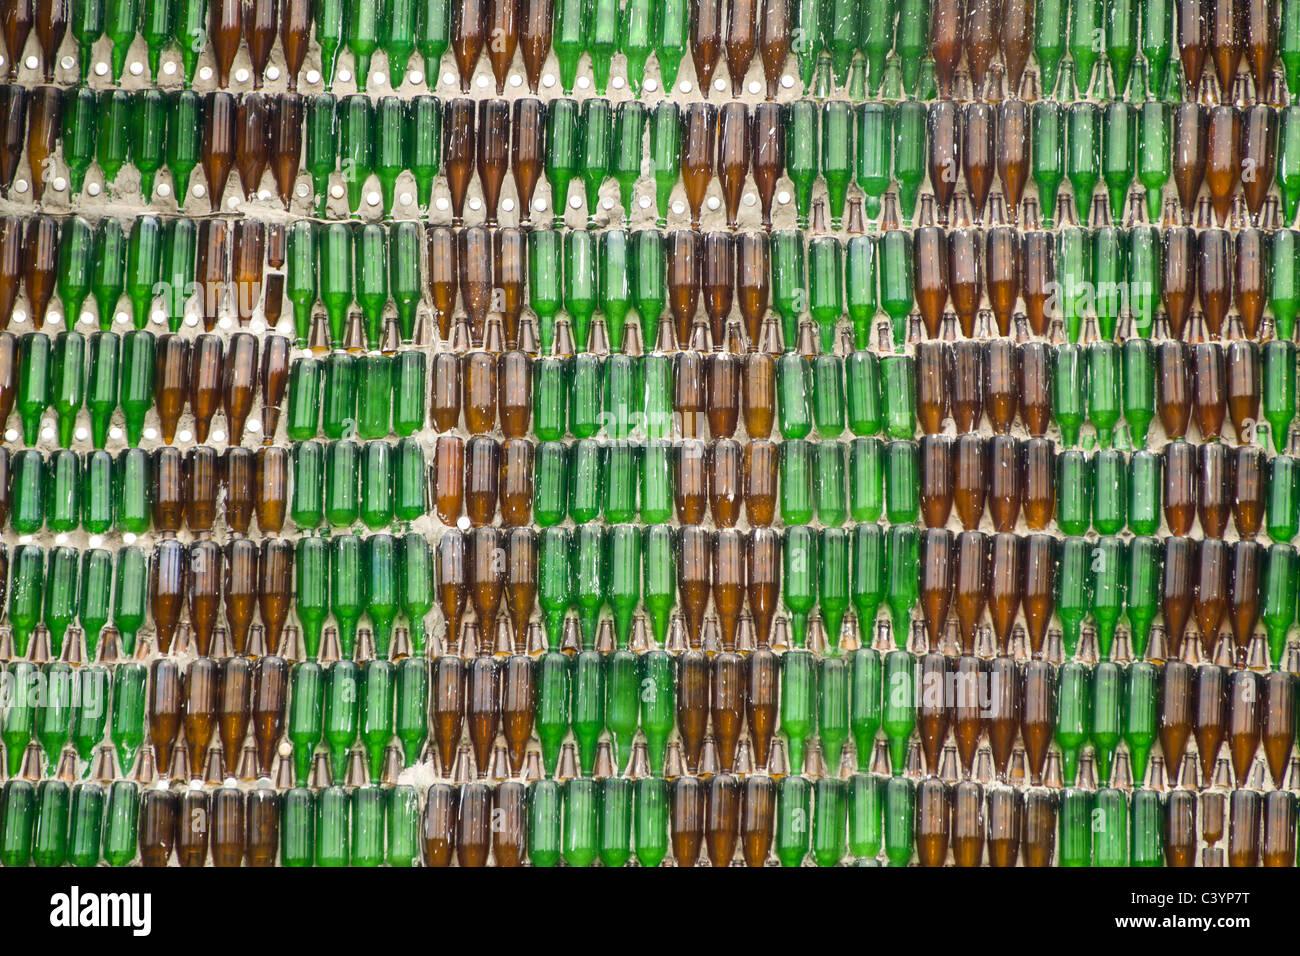 Pareti Con Bottiglie Di Vetro : Dettaglio della parete di wat lan kuad in thailandia un tempio